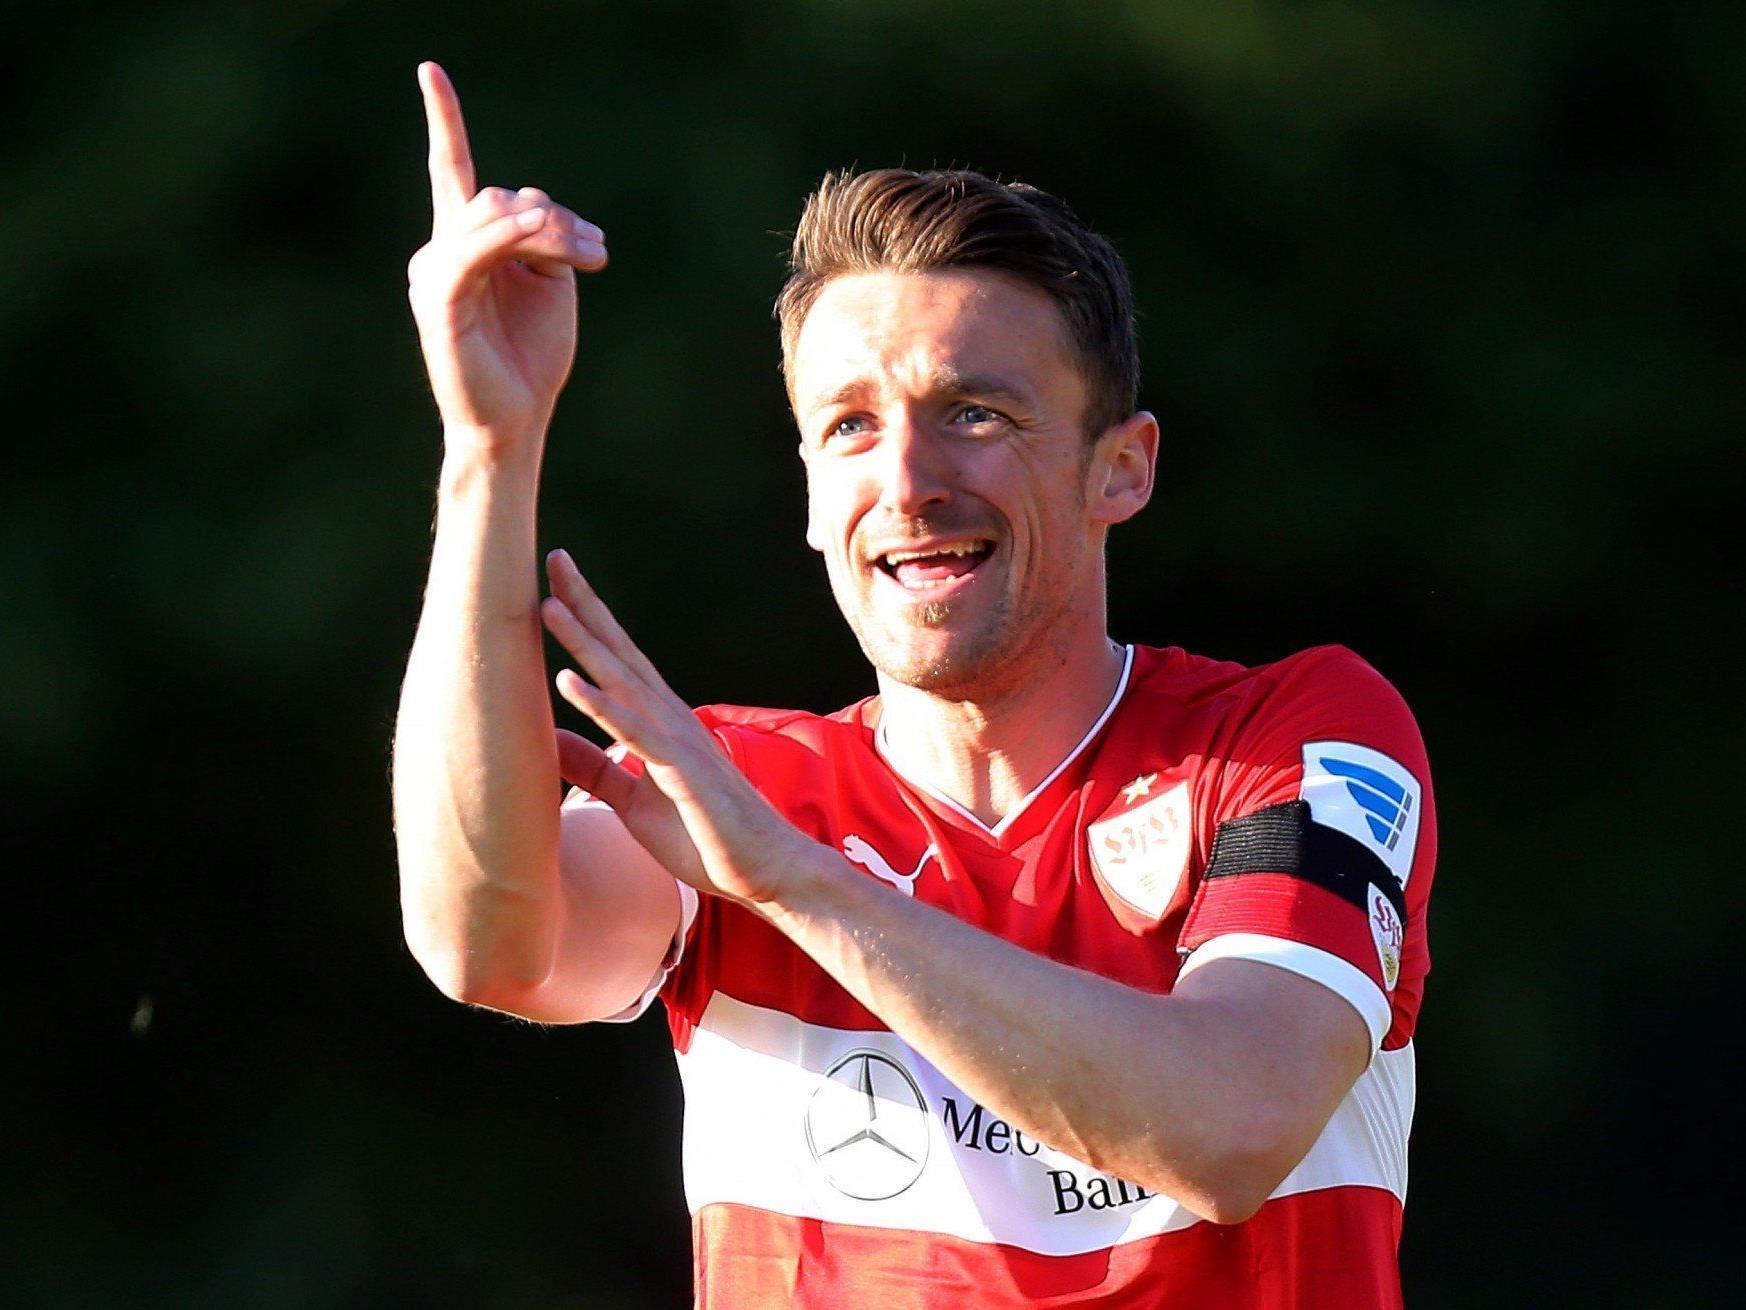 Die Sensation ist perfekt: Montafon-Auswahl tritt gegen VfB-Kicker an.